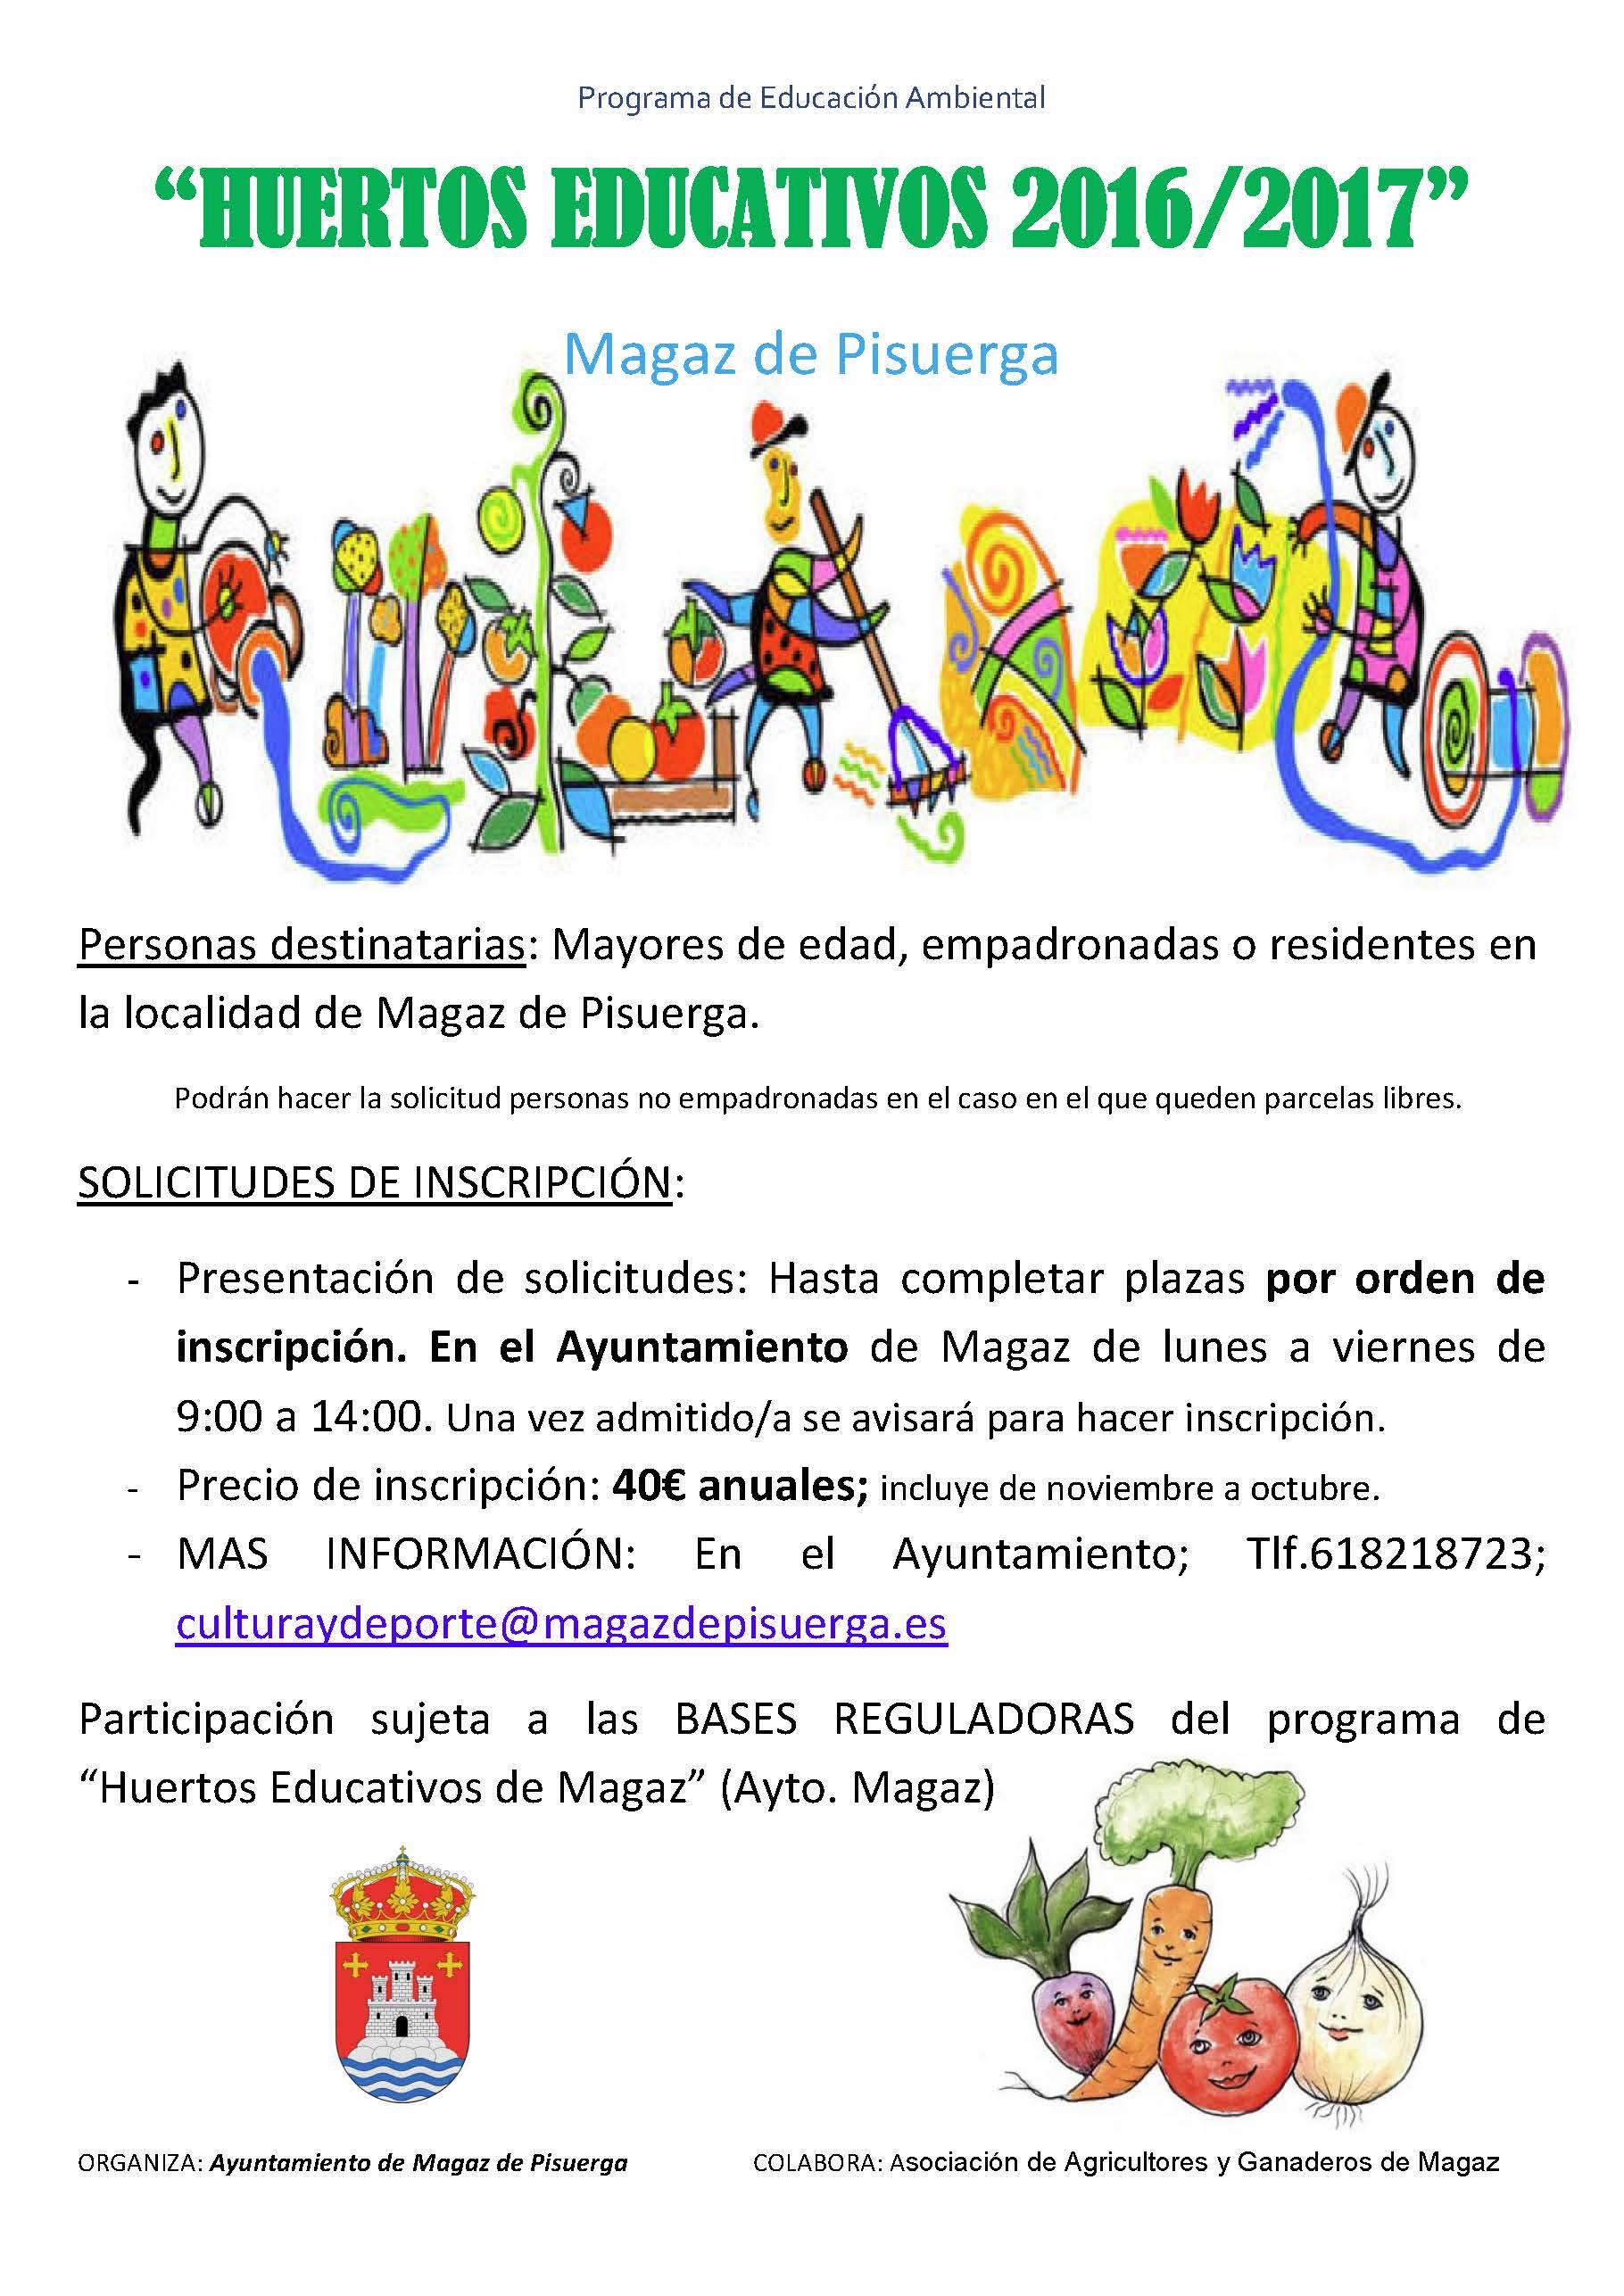 Huertos Educativos 2016/2017